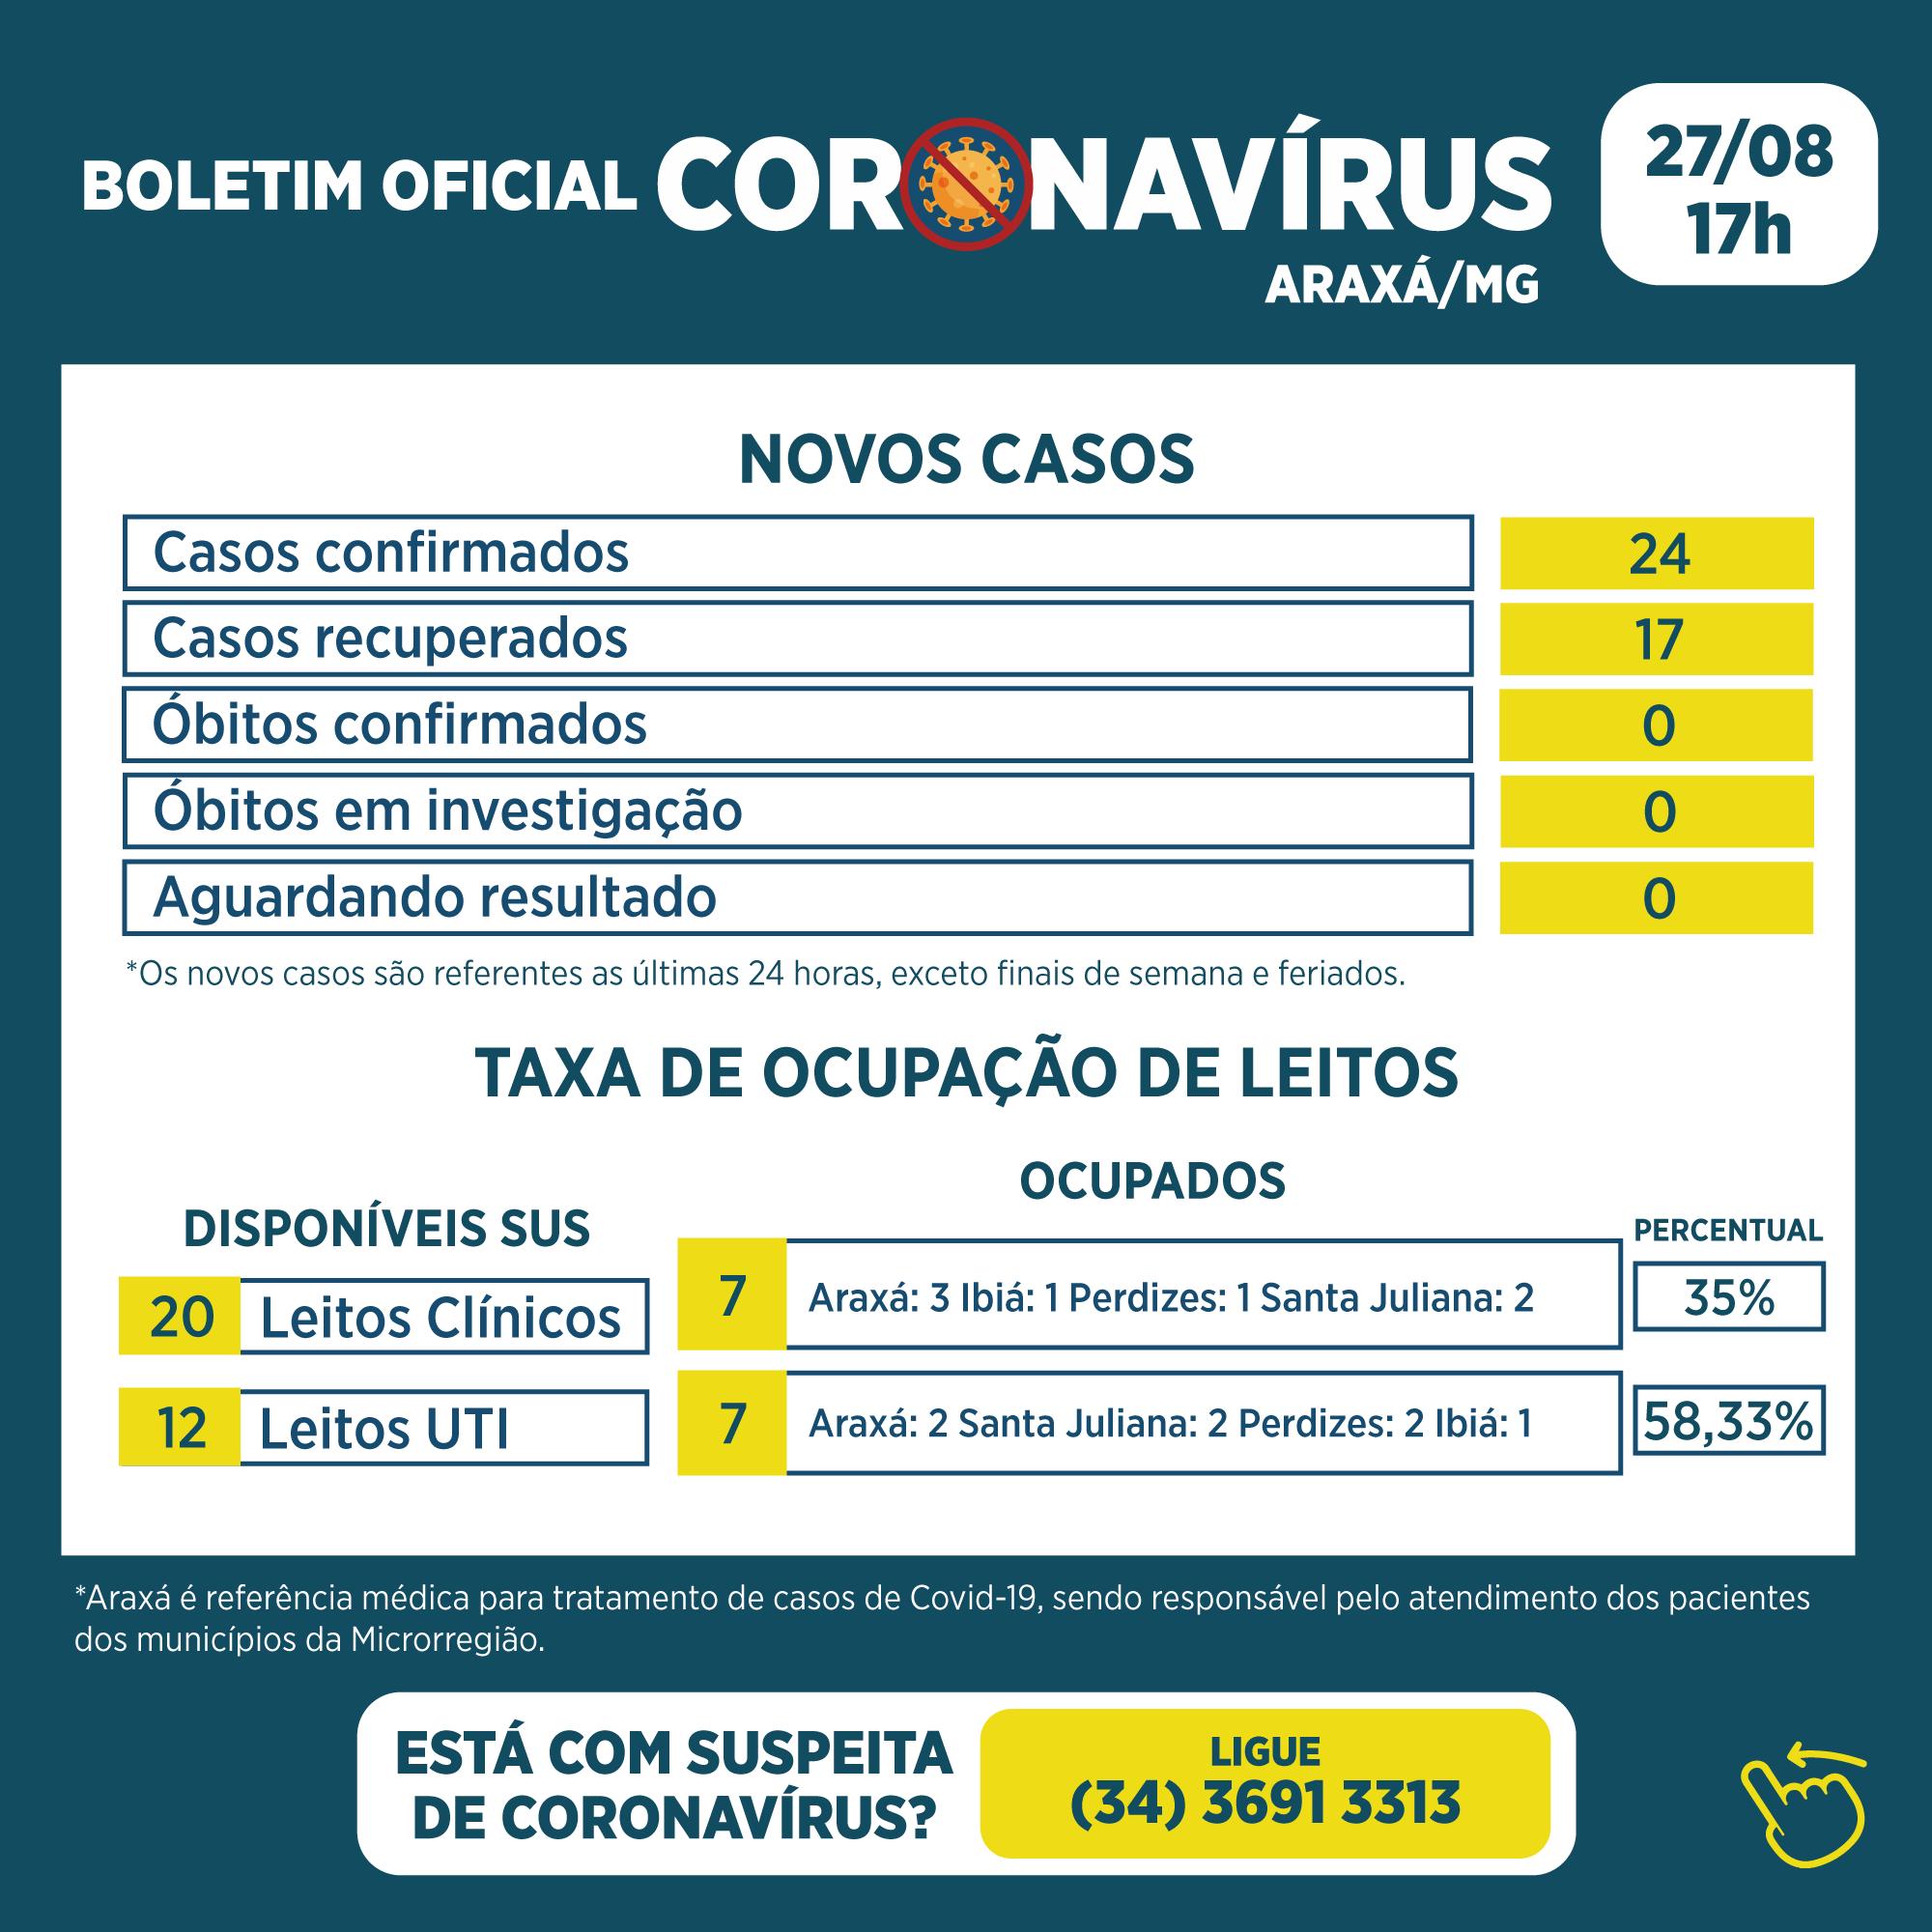 Boletim registra 24 novos casos e 17 recuperados da Covid-19 1